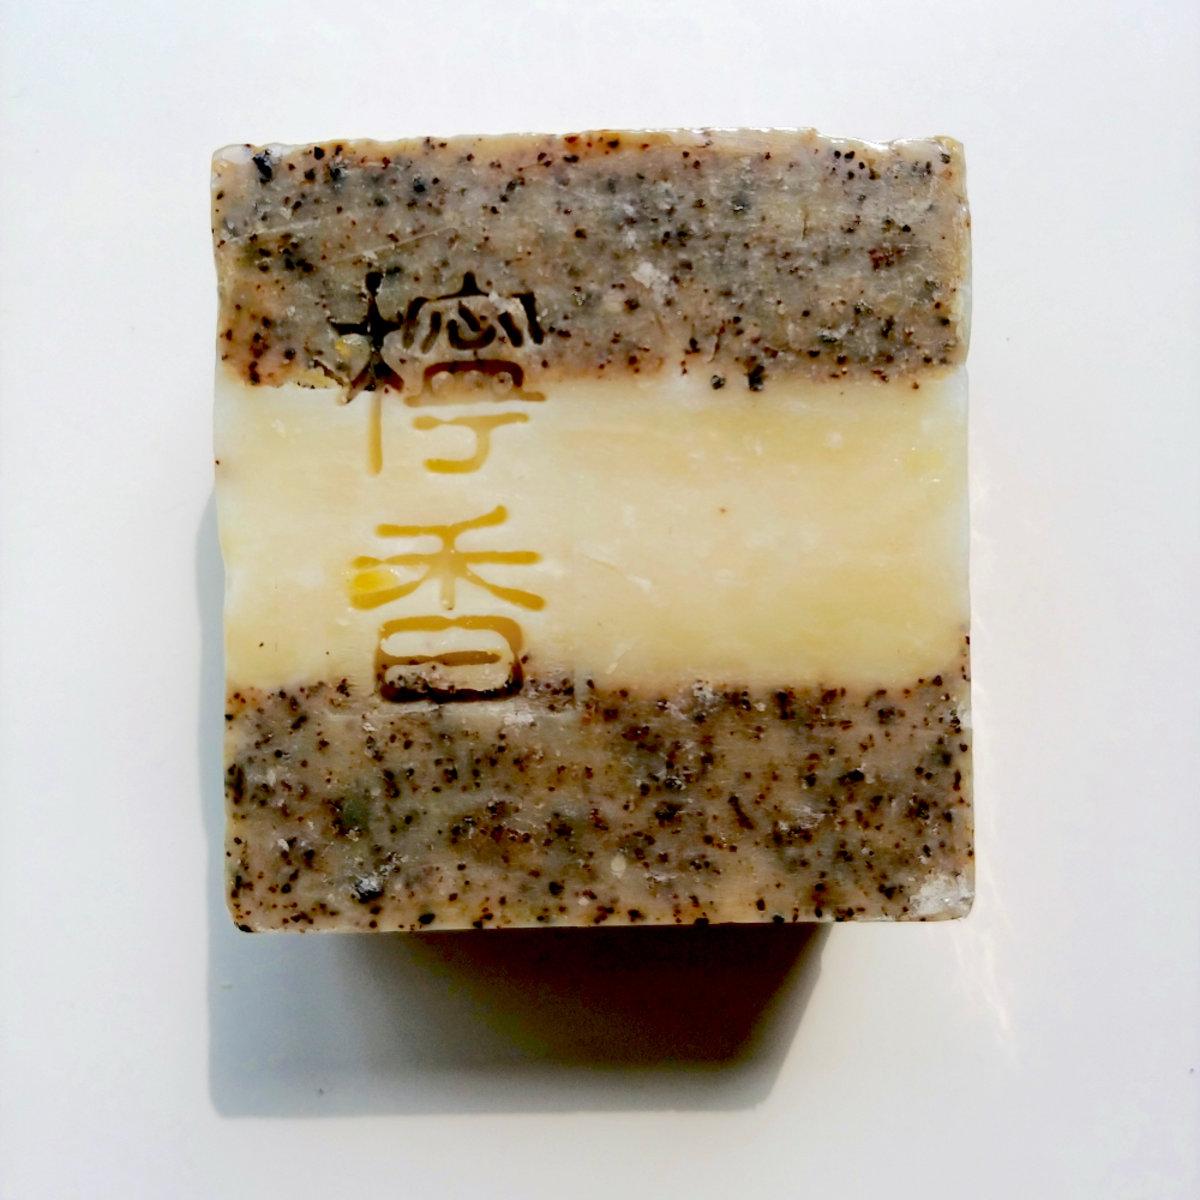 香茅咖啡去角質沐浴梘 - 去角質, 終極保濕, 手工皂, 有意義